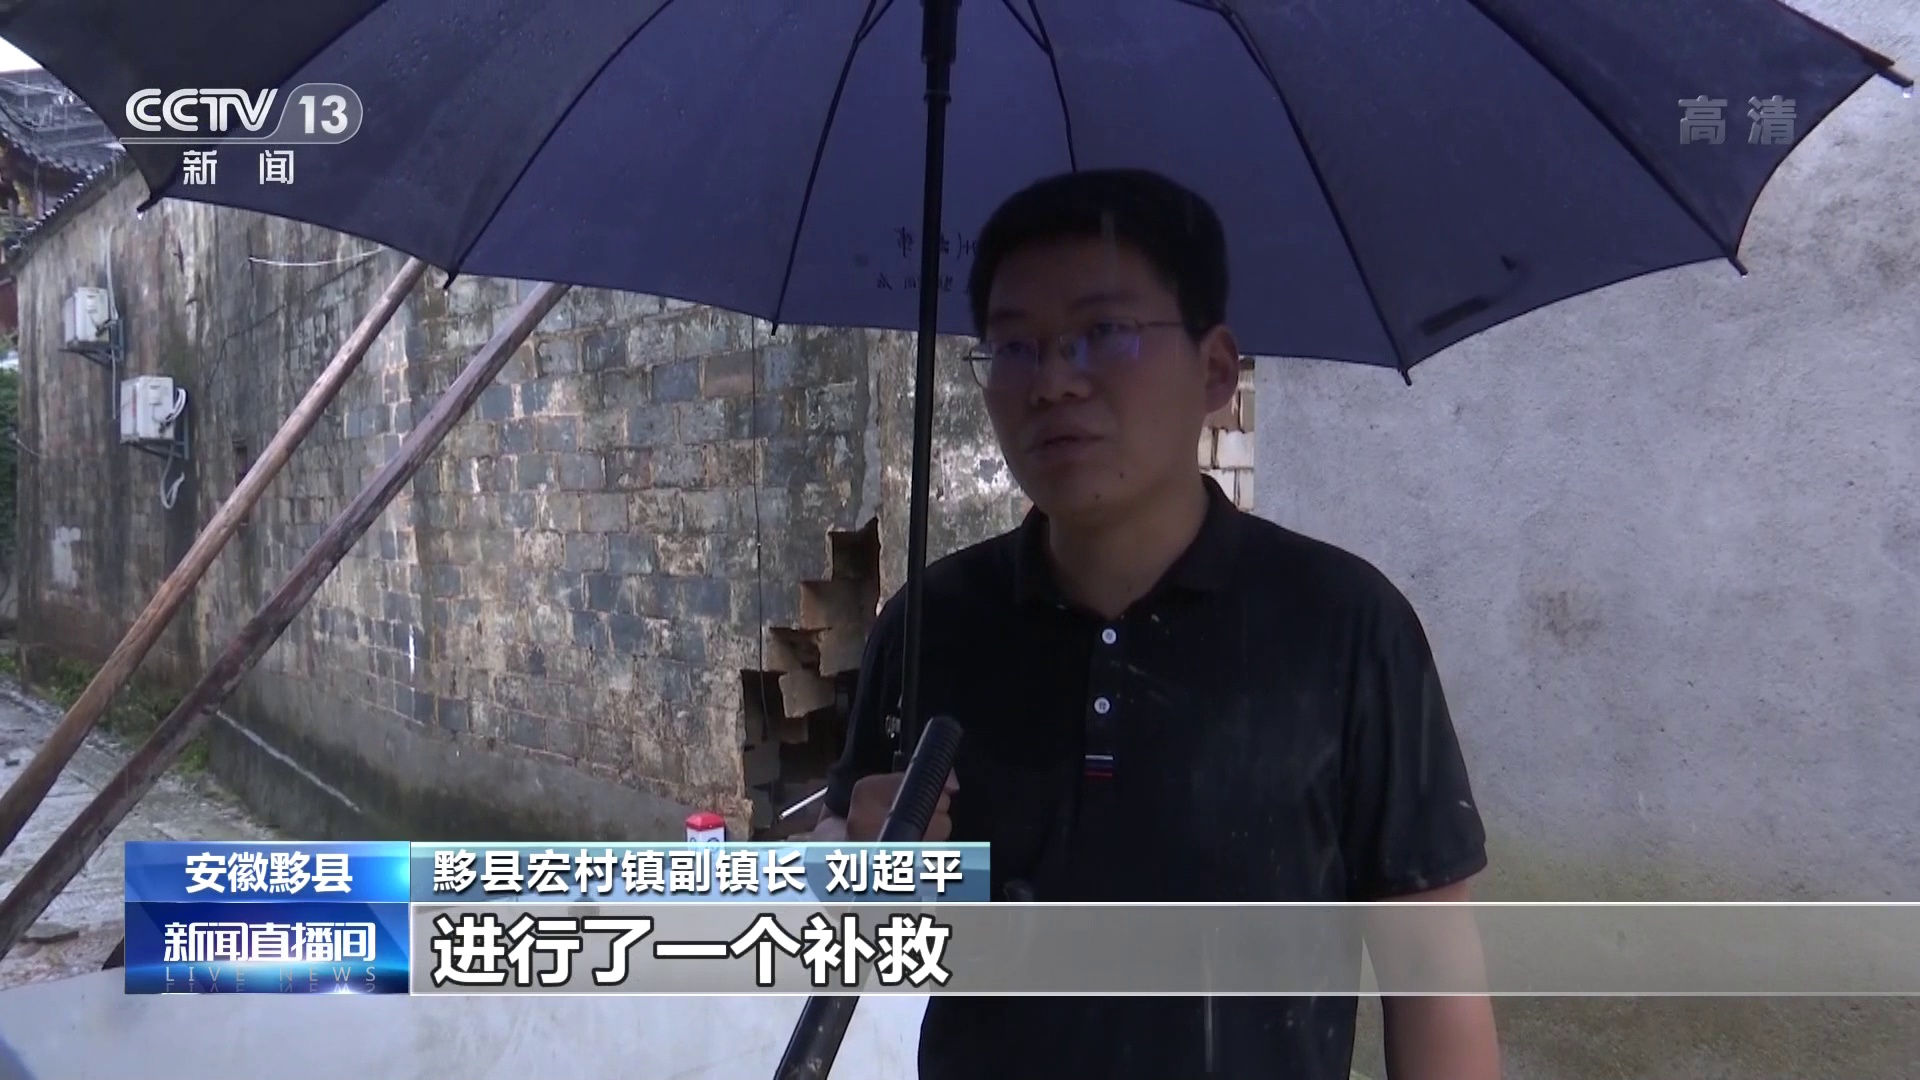 安徽黟县洪水消退 生产生活逐步恢复图片